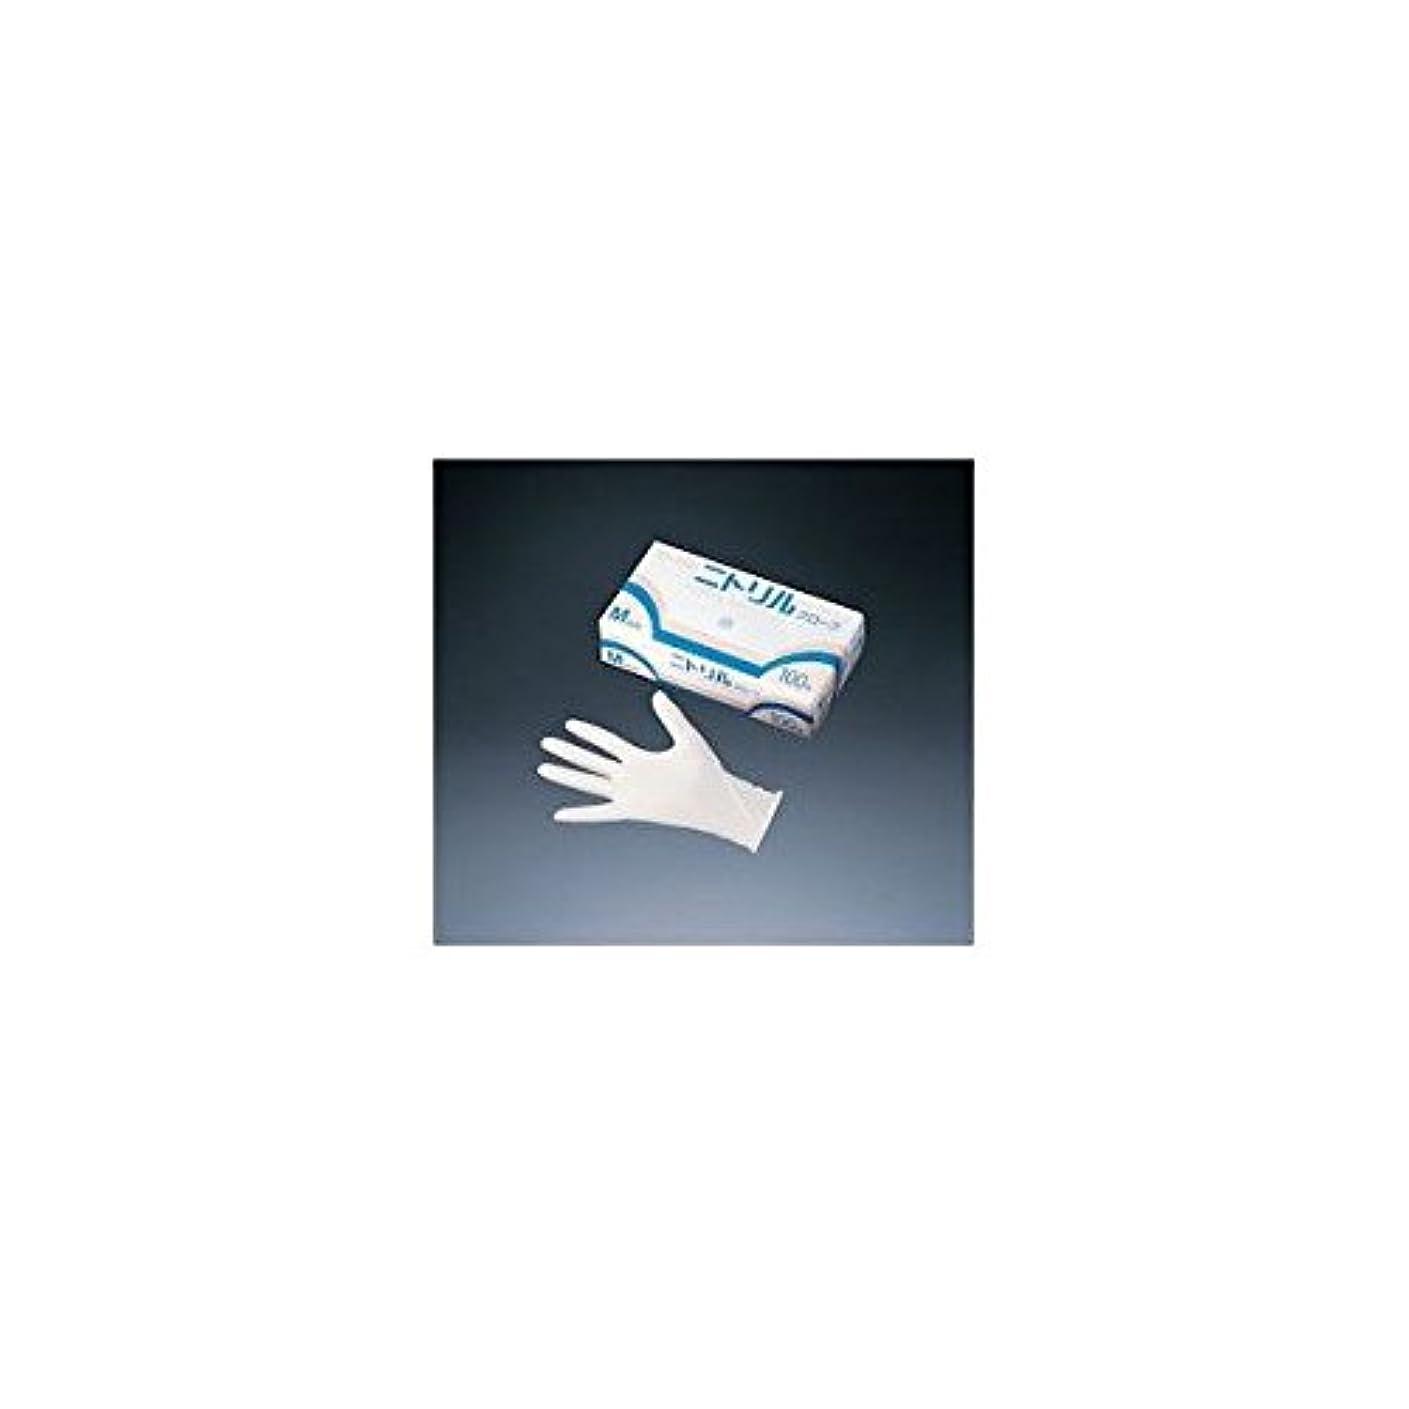 侵略連続的特権的旭創業 ニトリルグローブ ホワイト (100枚セット) M